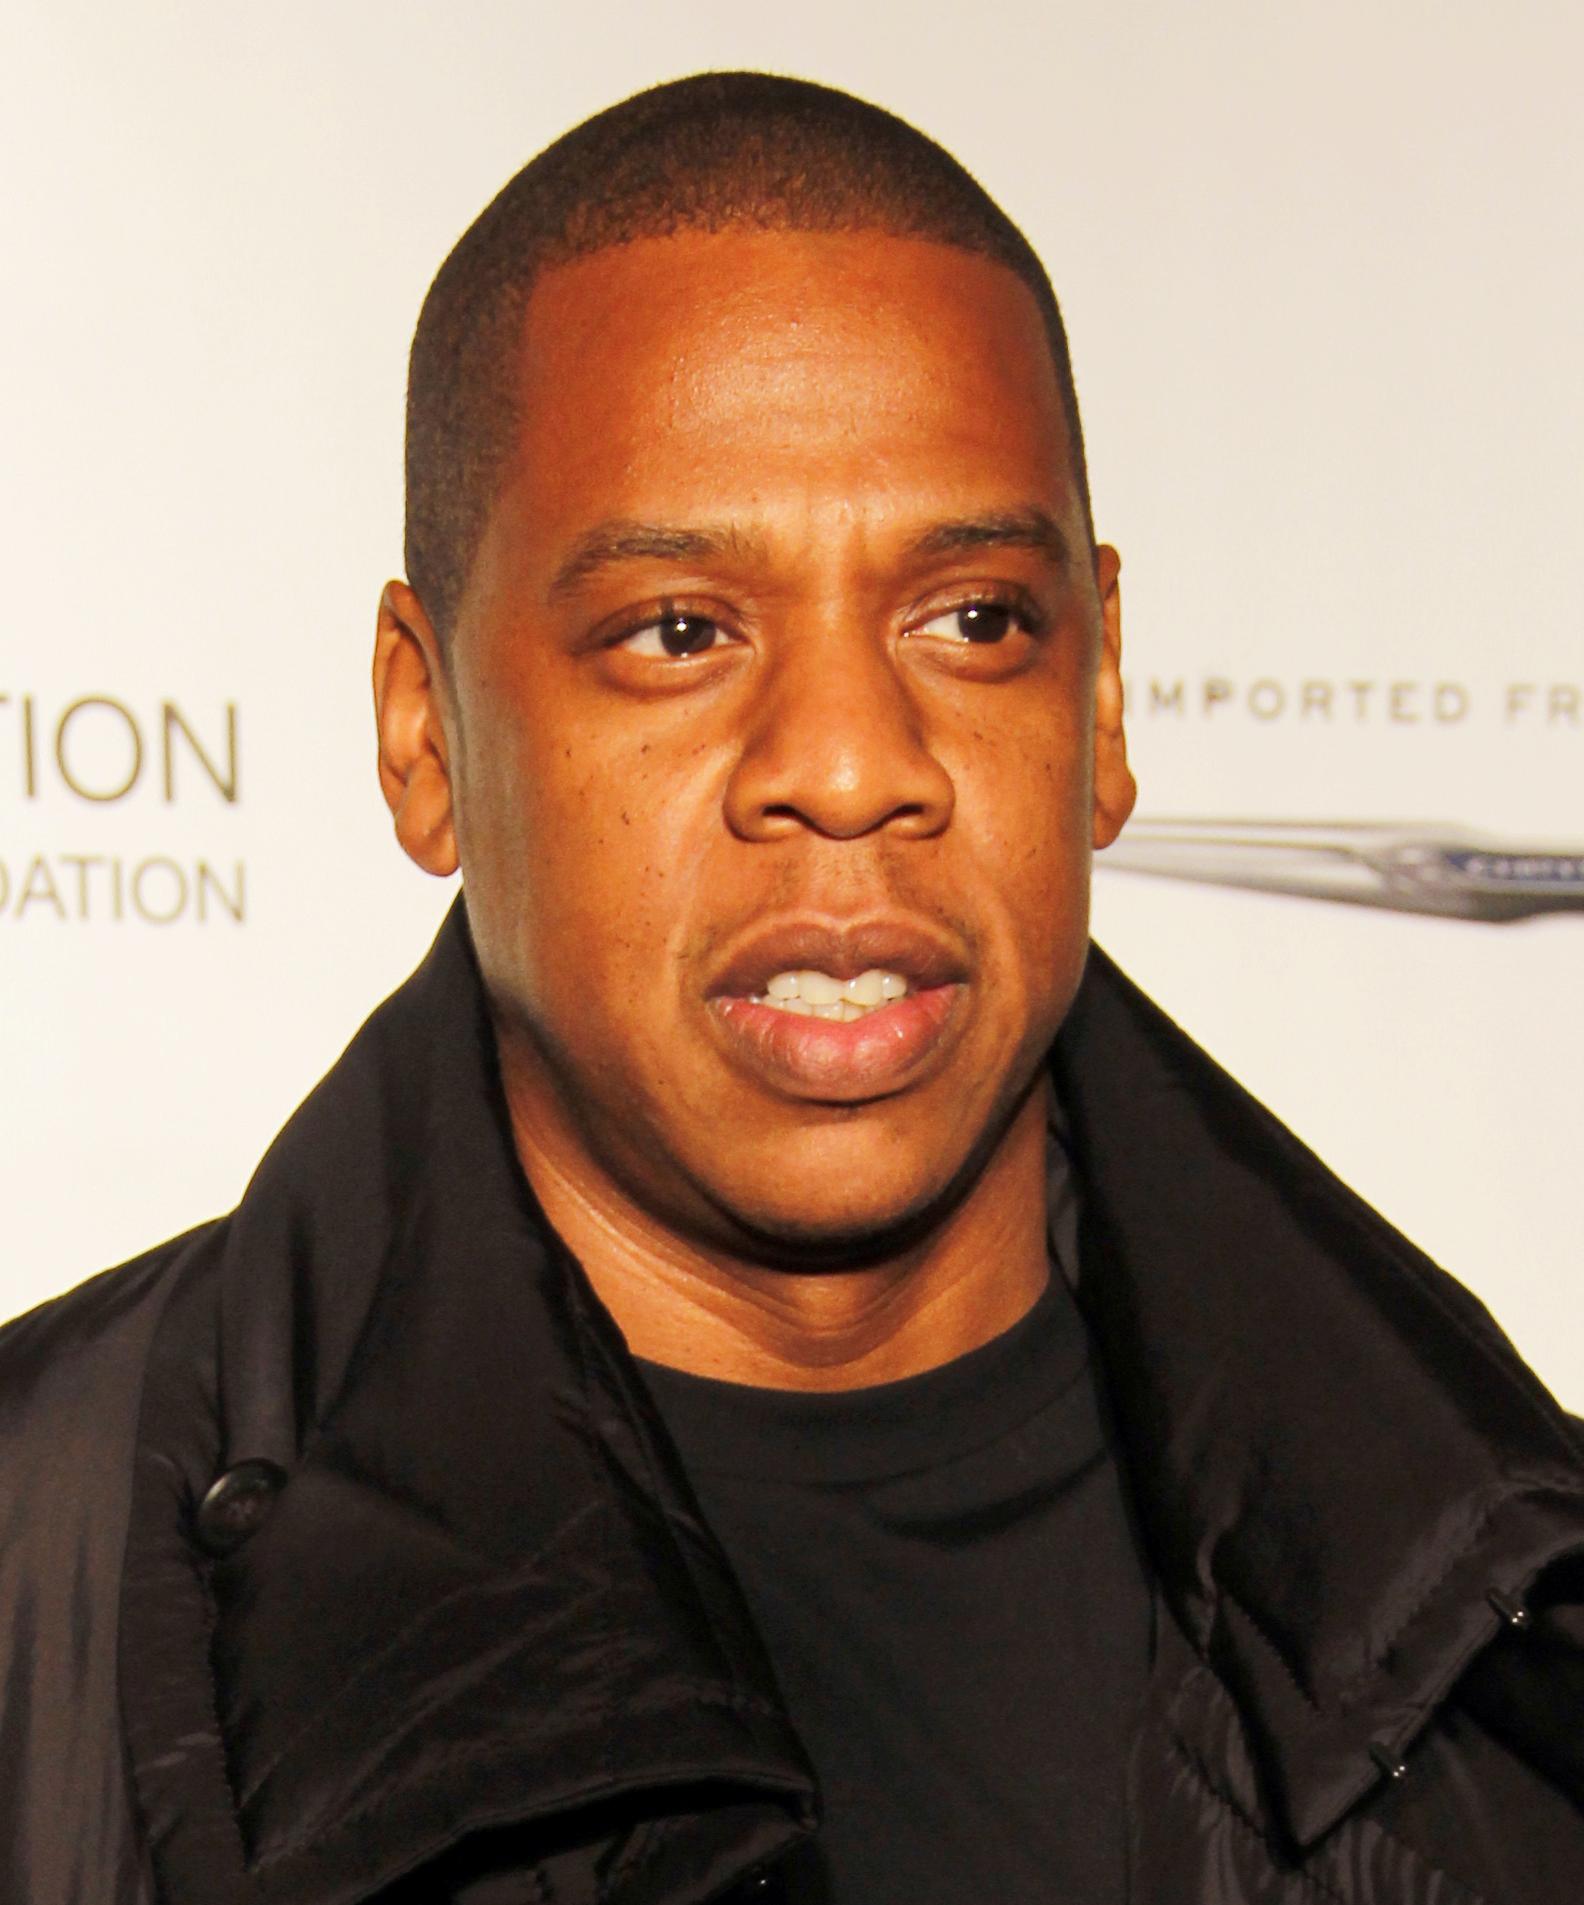 Photo Jay-Z via Opendata BNF